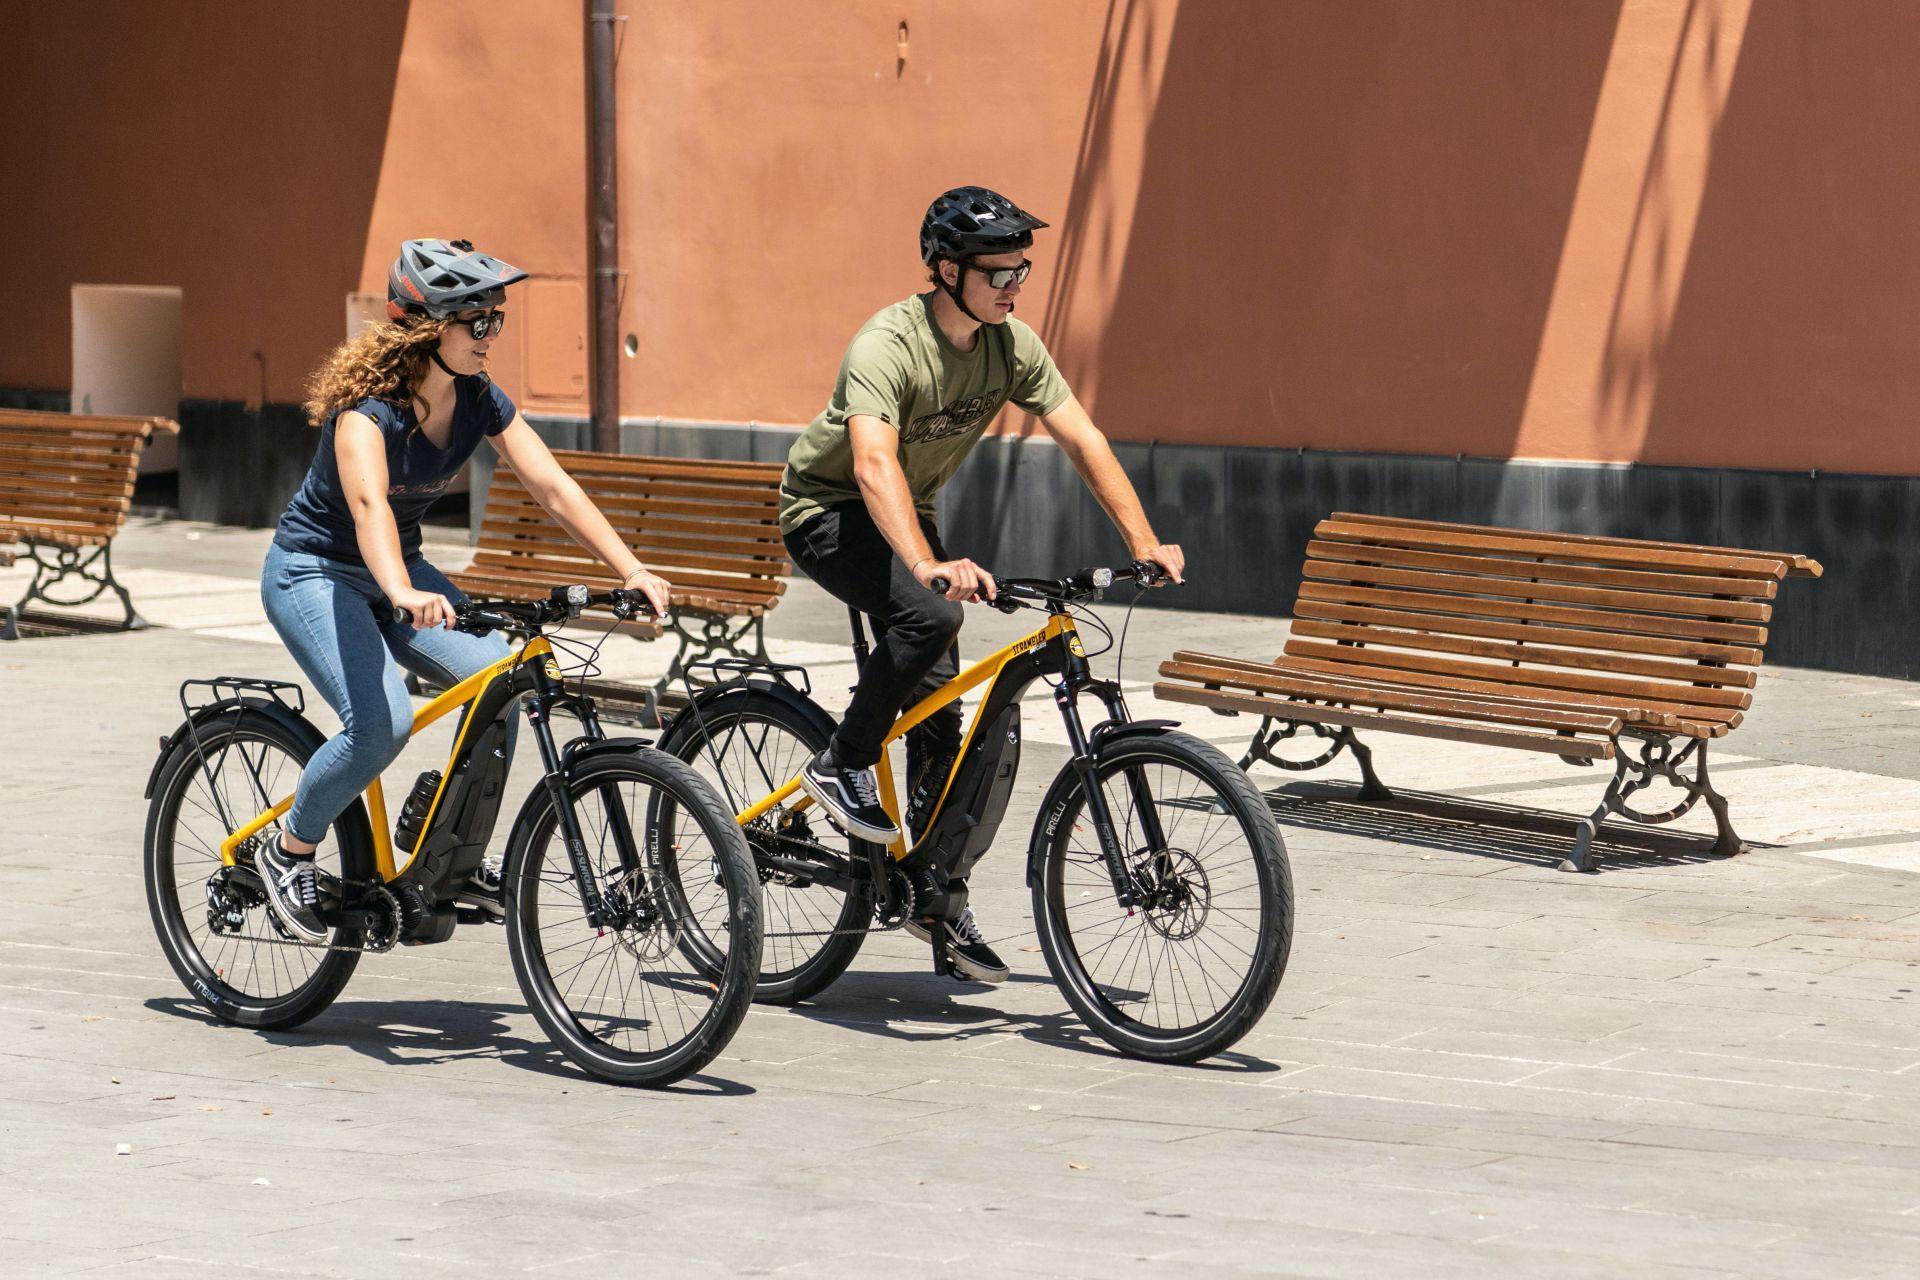 Khám phá xe đạp điện của Ducati có giá lên tới trăm triệu đồng Ảnh 3